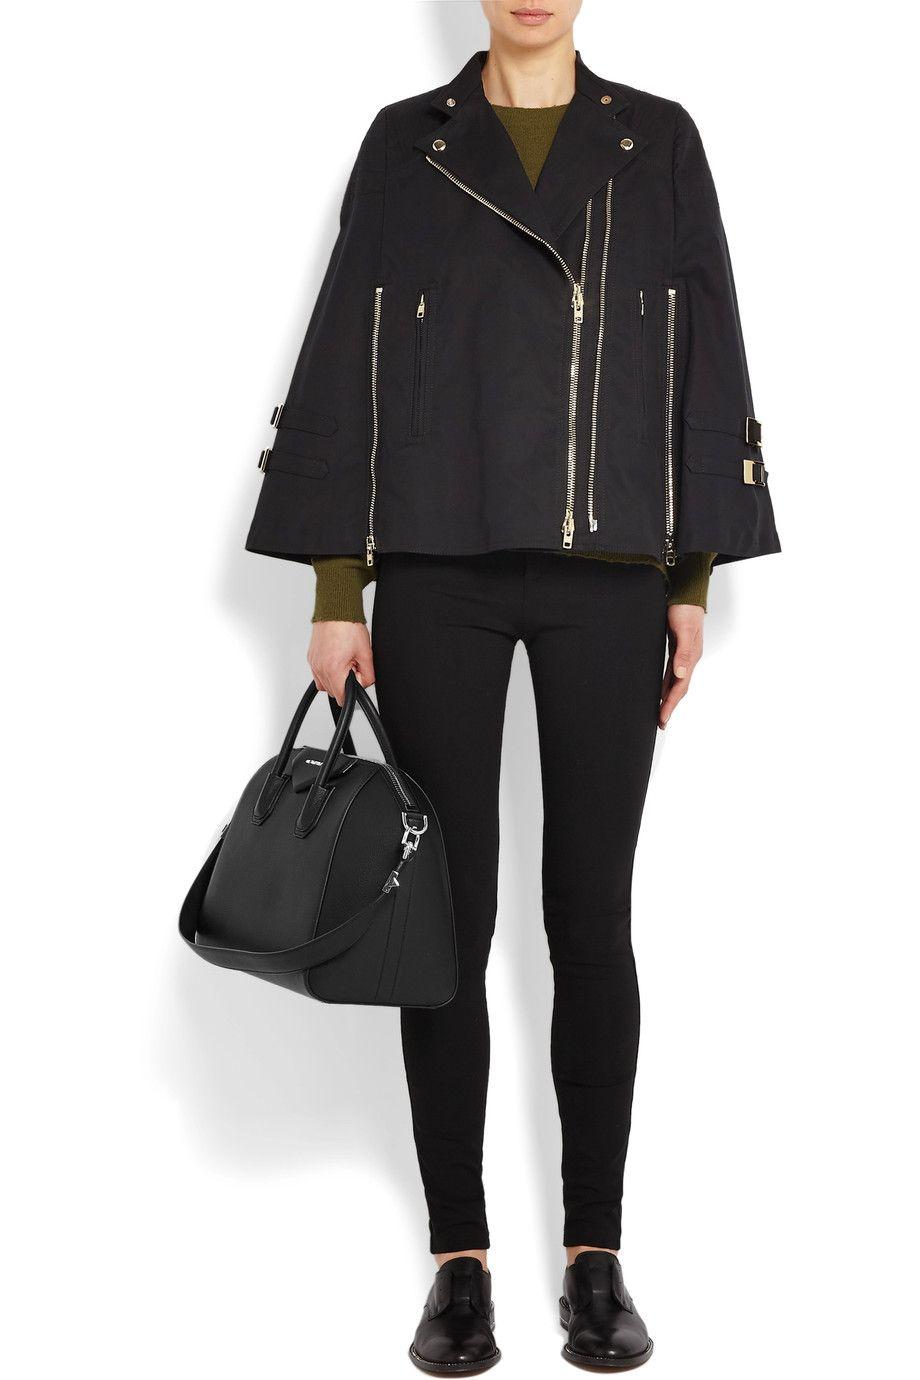 7c8c097708d Givenchy   Medium Antigona bag in black leather   NET-A-PORTER.COM ...